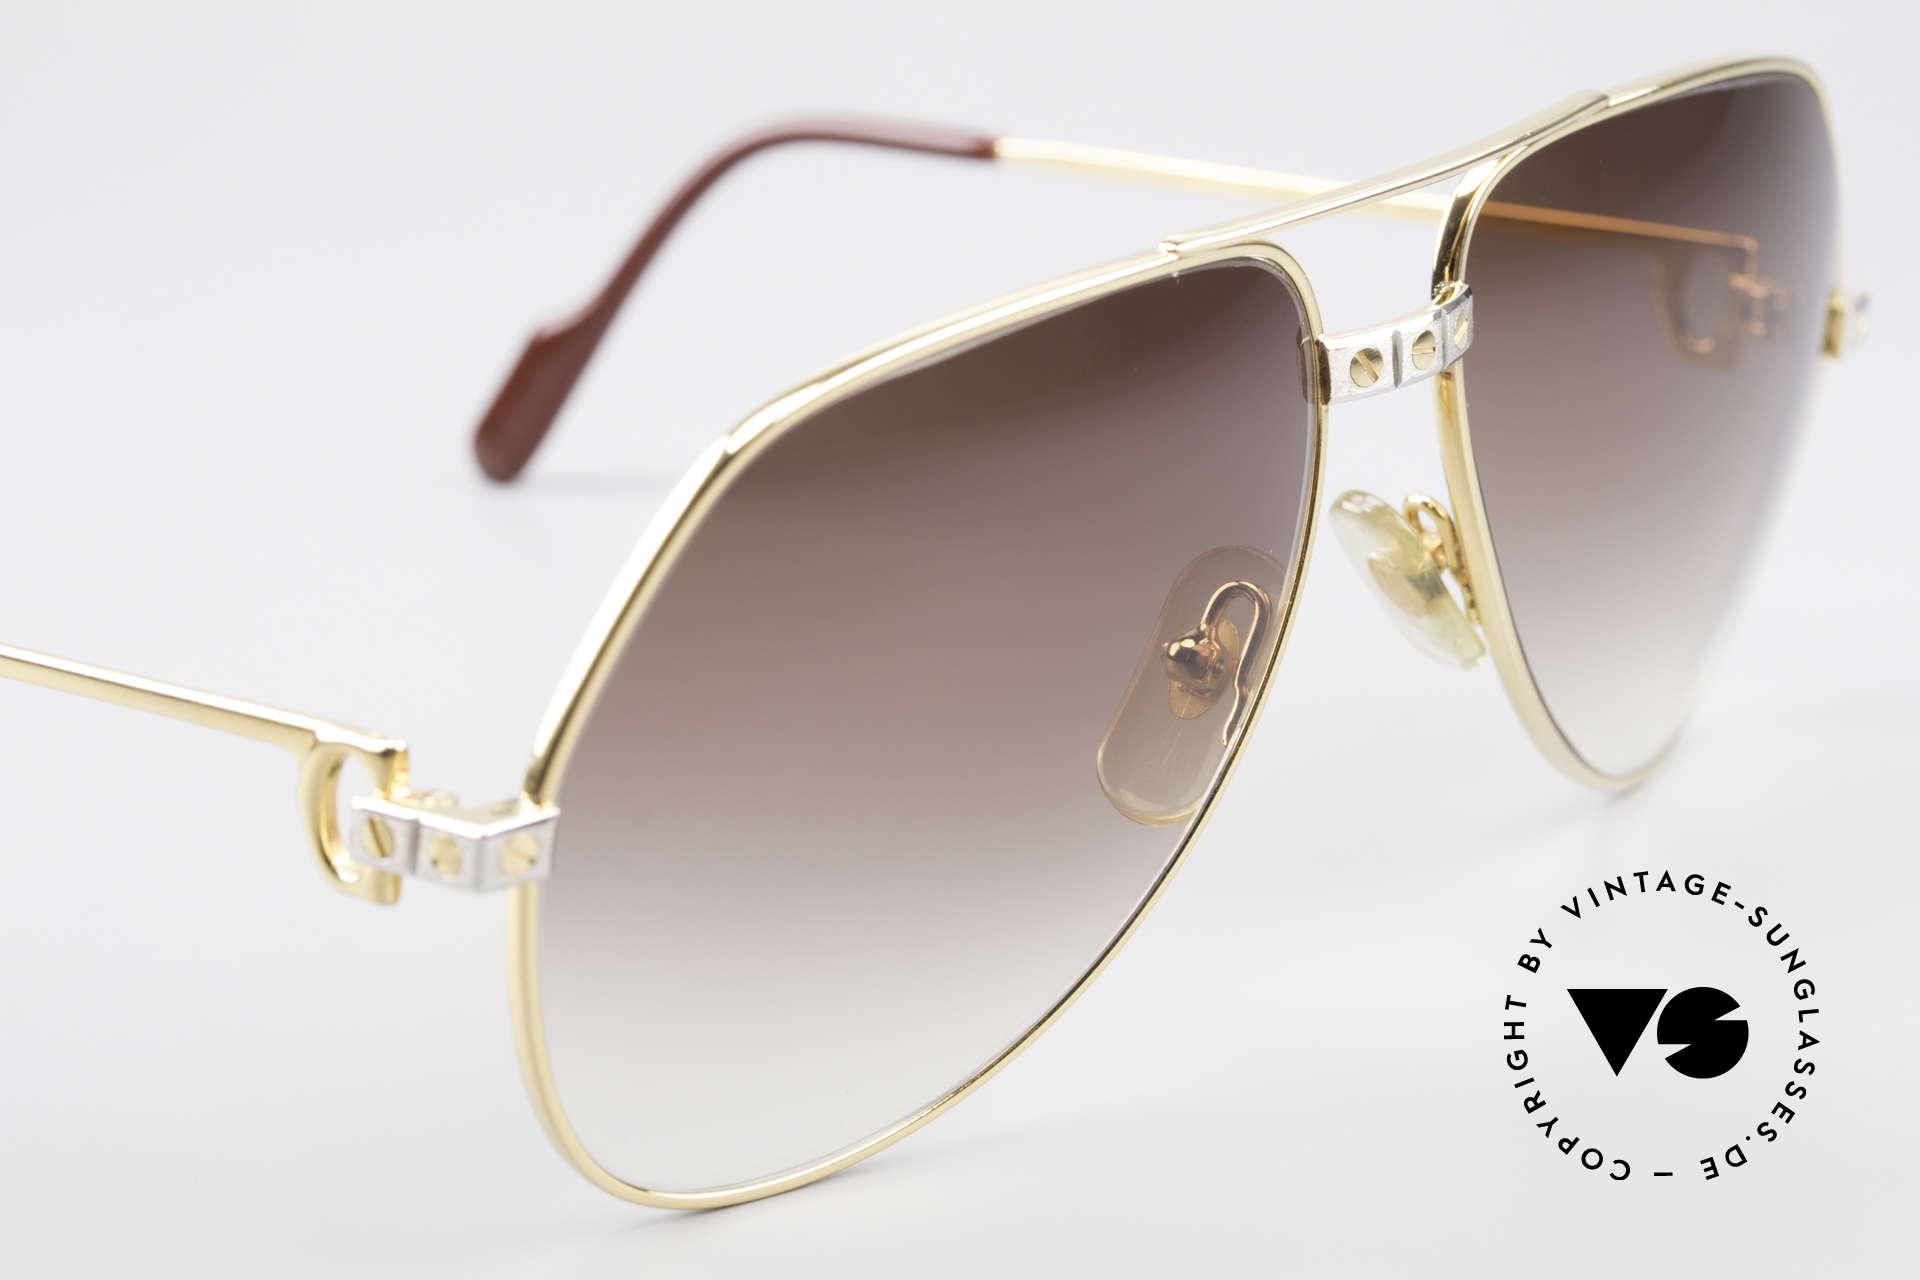 Cartier Vendome Santos - M Luxus Aviator Sonnenbrille, neue Sonnengläser in braun-Verlauf für 100% UV Schutz, Passend für Herren und Damen